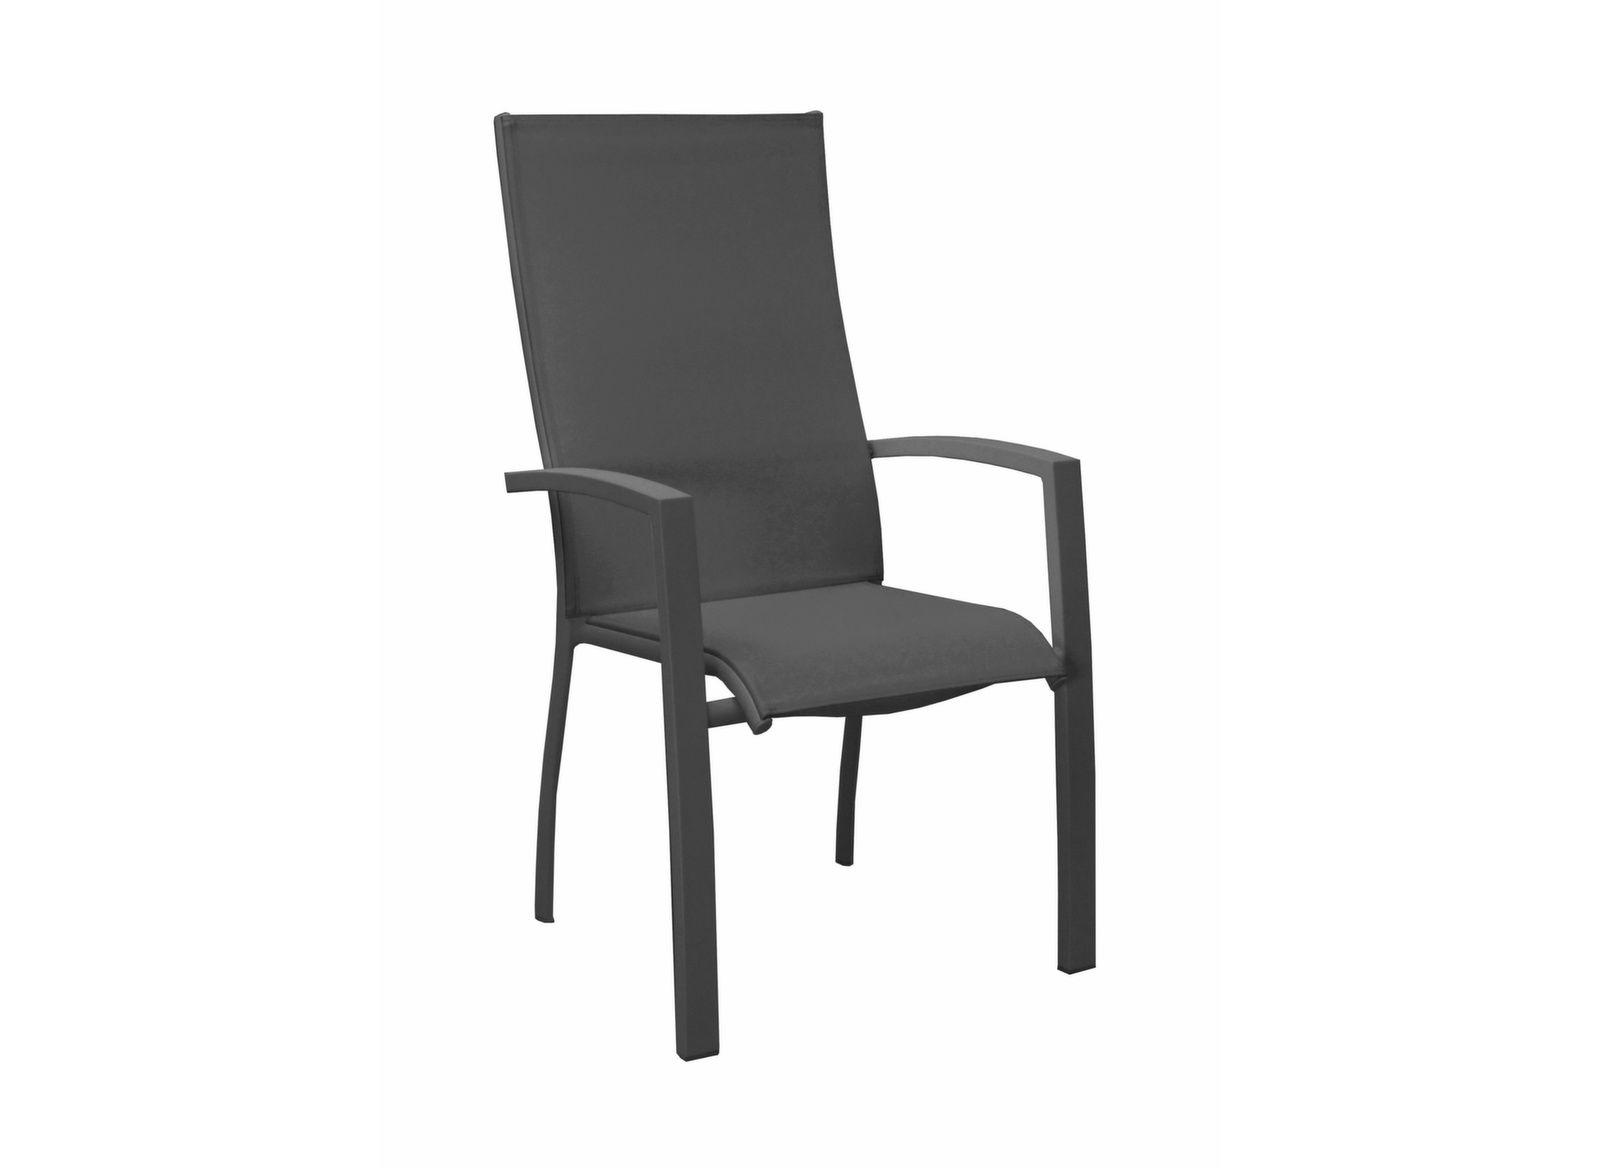 fauteuil dossier haut elegance